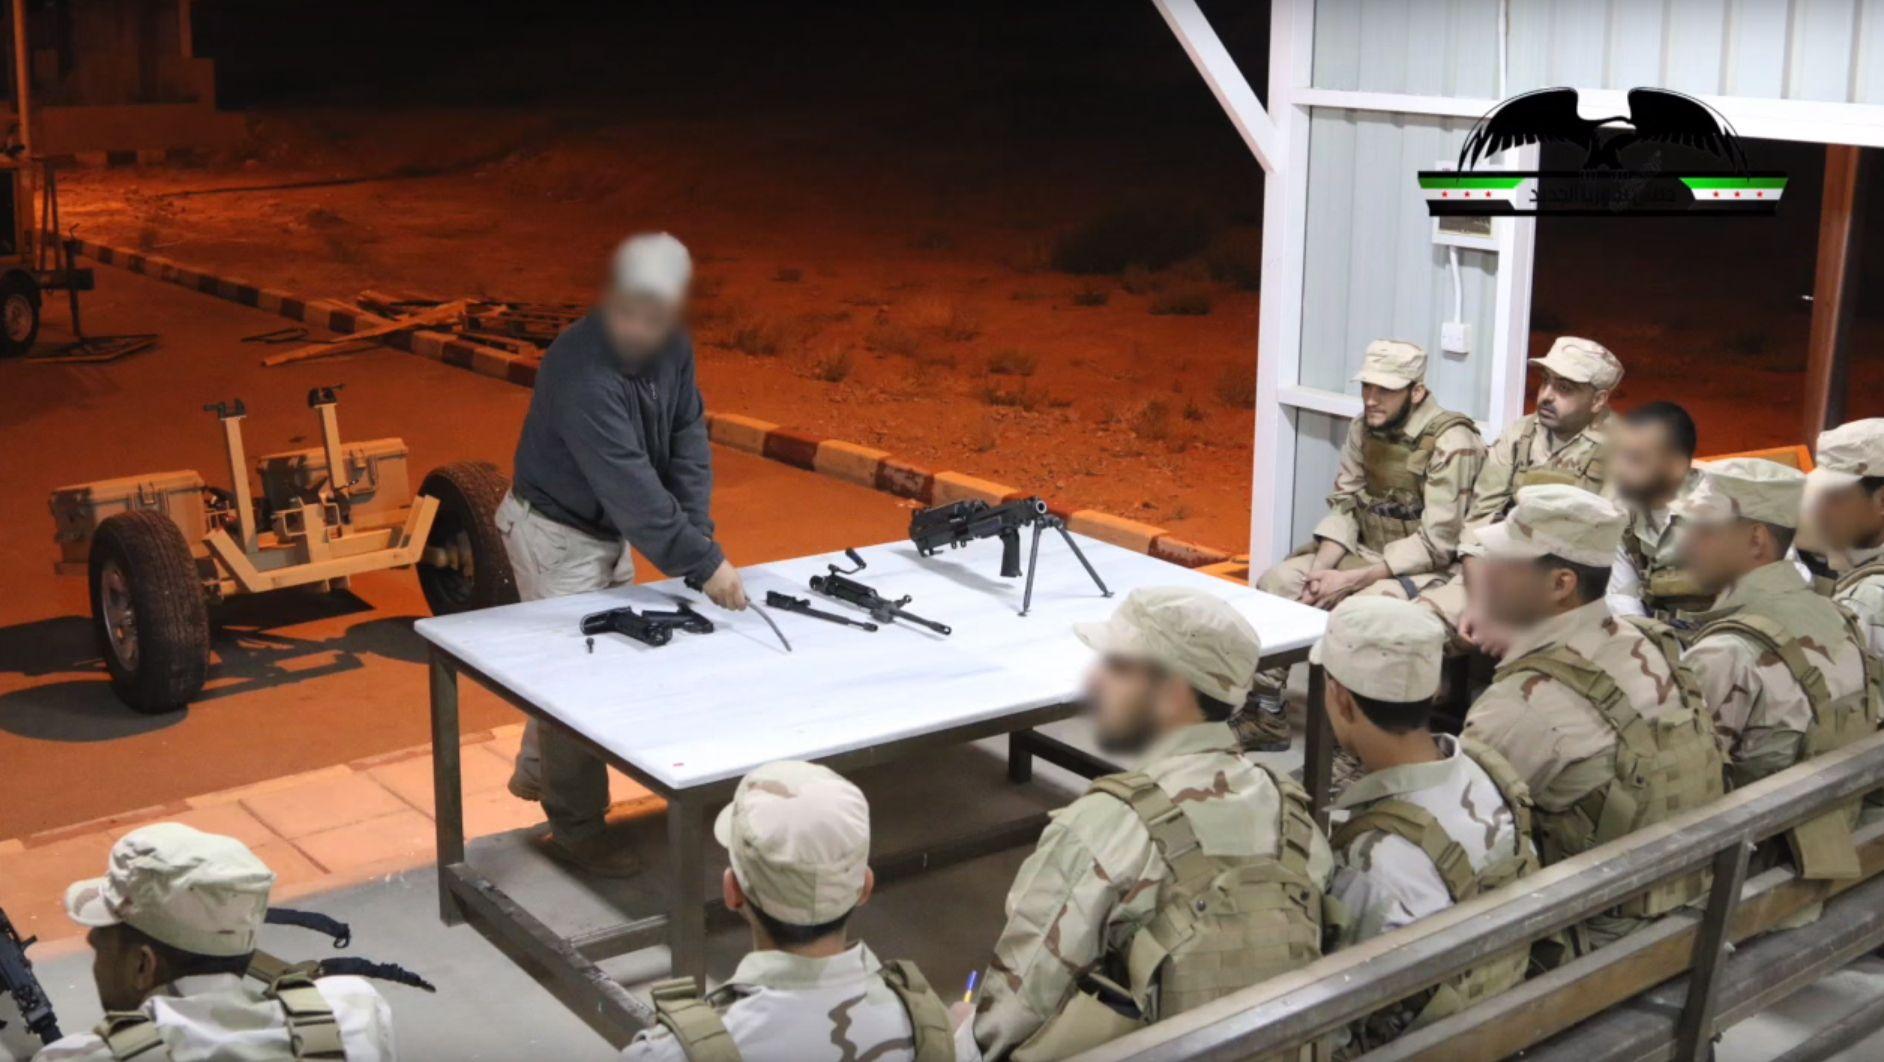 VÅPENTRENING: Soldater fra New Syrian Army får opplæring i ulike amerikanske våpensystemer av en instruktør på det som trolig er et treningssenter i Jordan. Nå skal norske spesialsoldater drive denne typen opptrening.